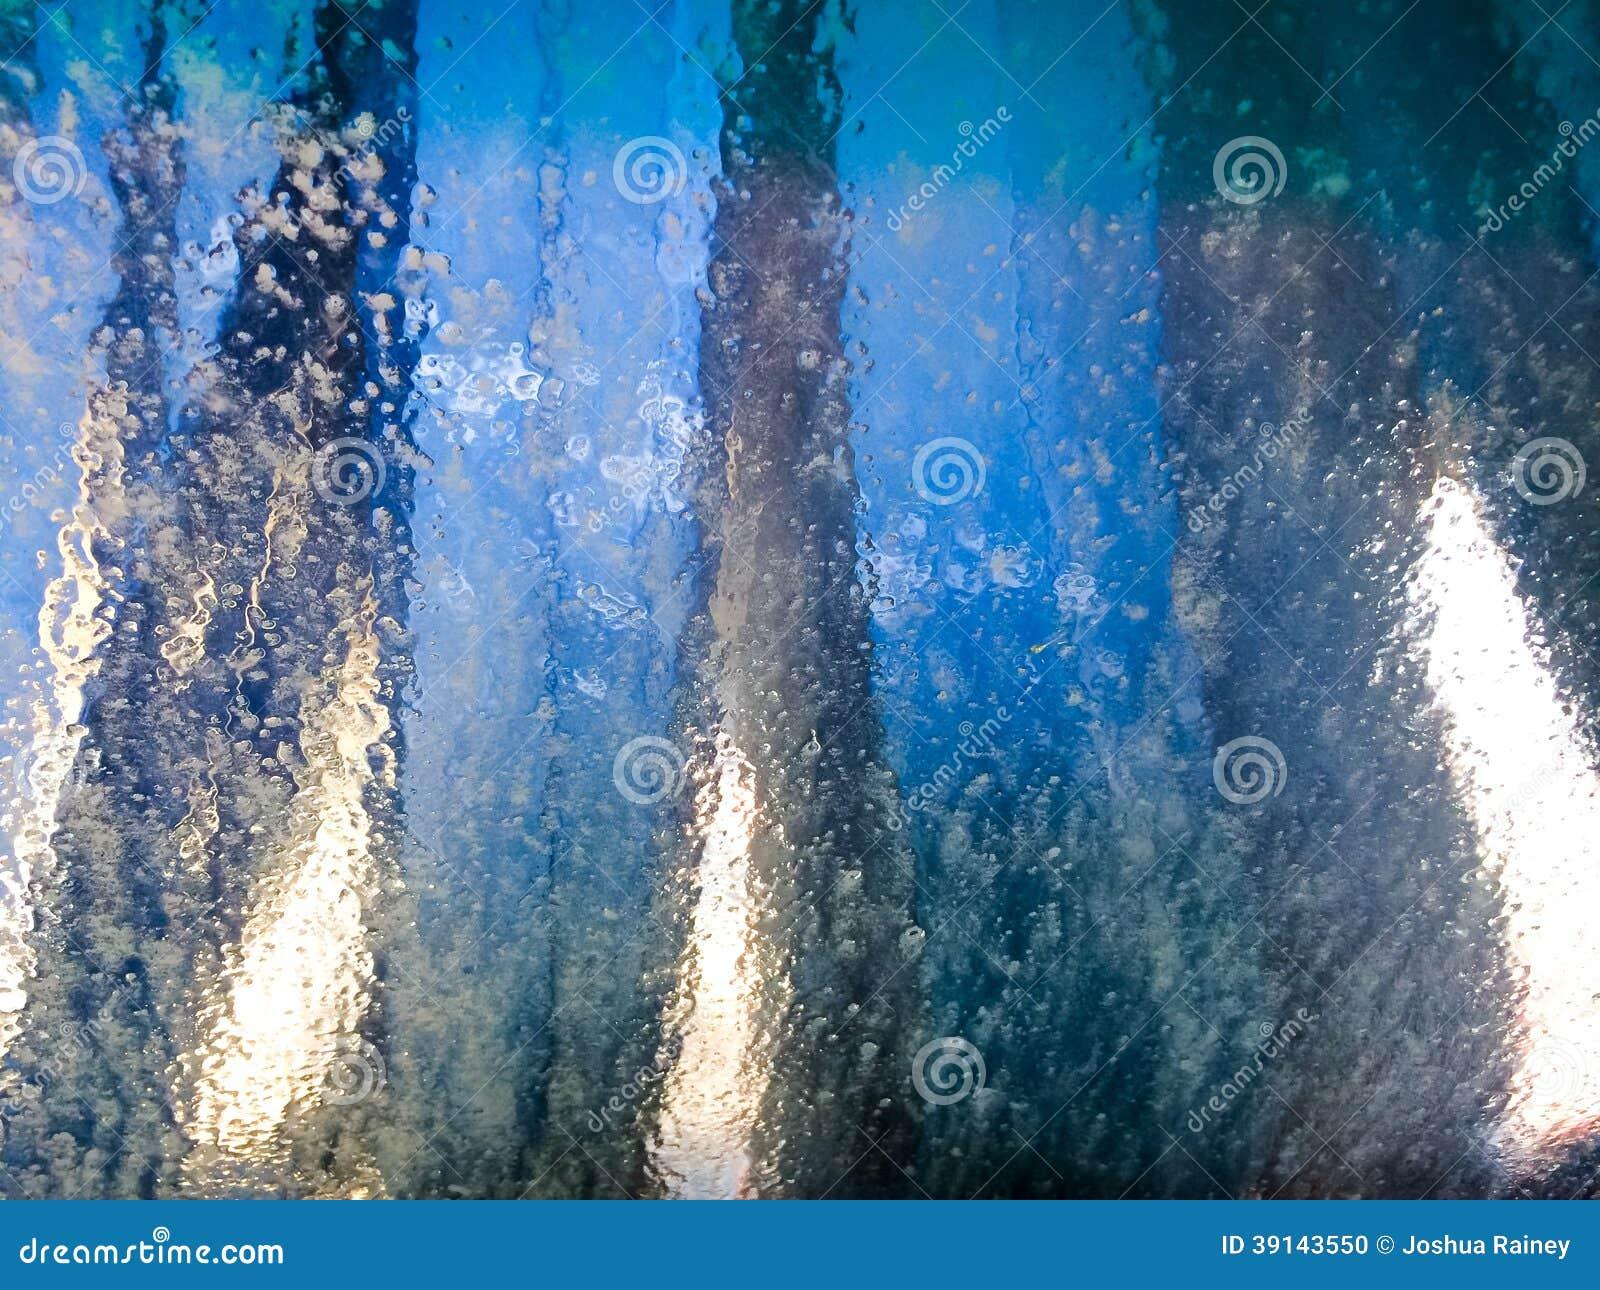 windshield car wash stock photo image 39143550. Black Bedroom Furniture Sets. Home Design Ideas